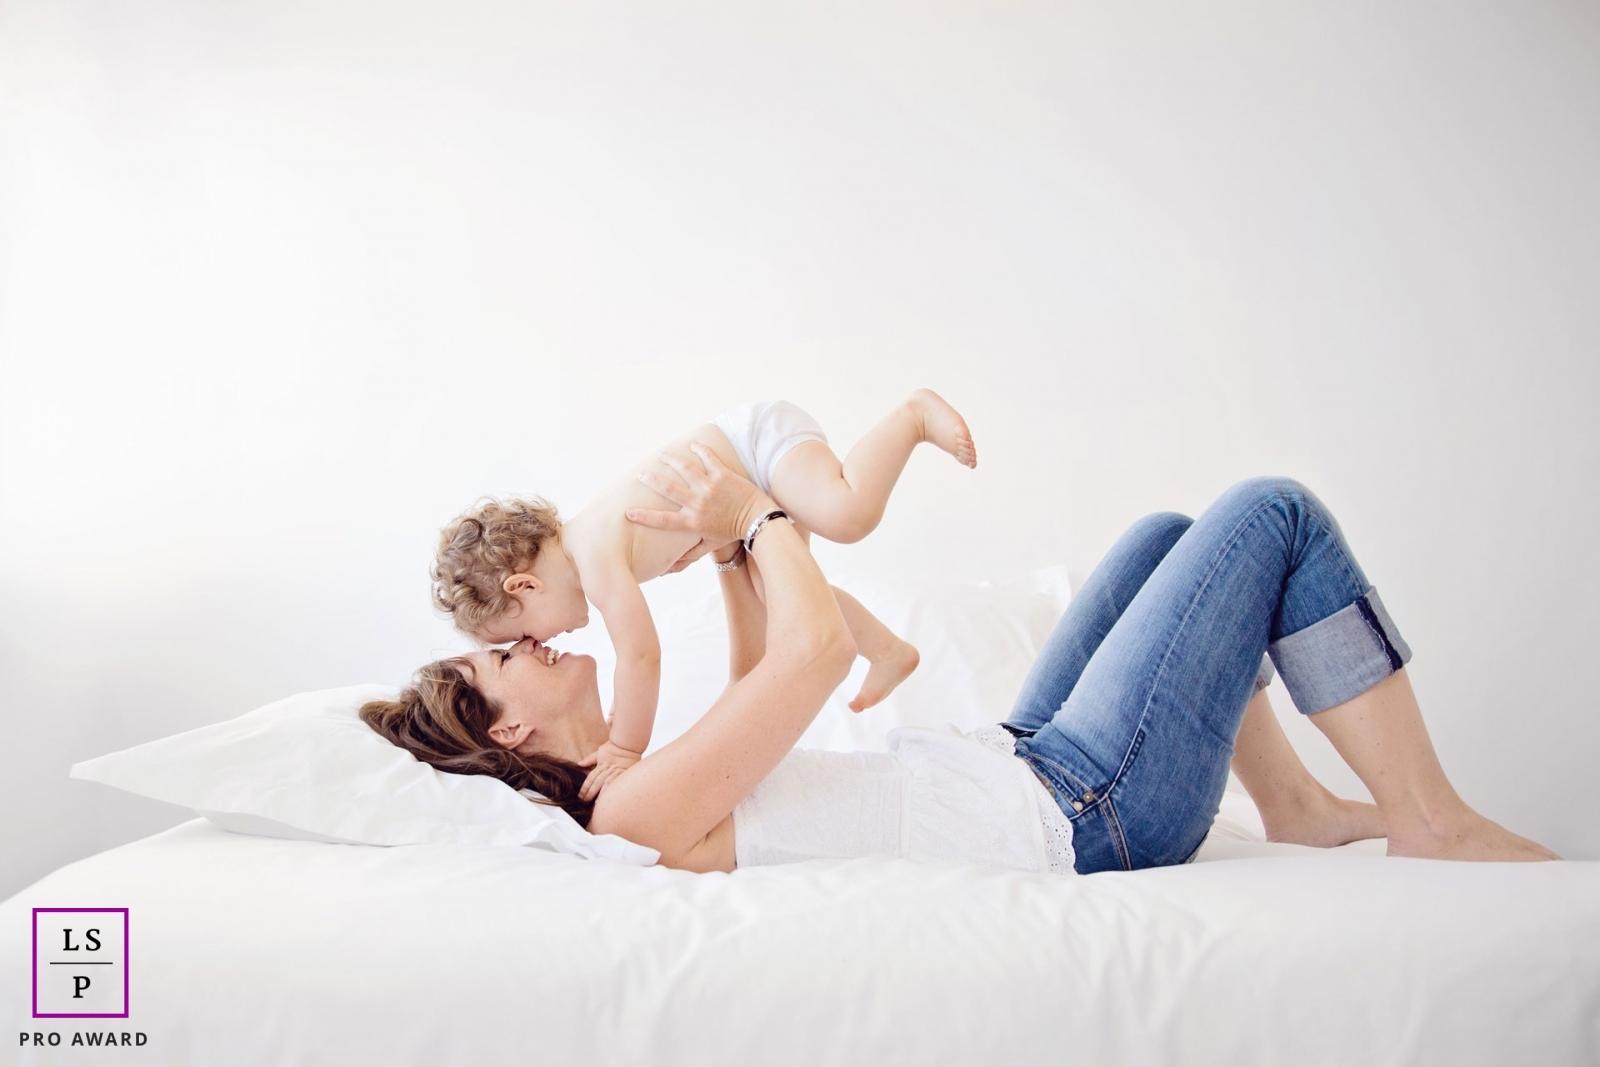 Maman et son bébé qui jouent sur le lit en riant par Tout Petit Pixel, photographe enfant lifestyle